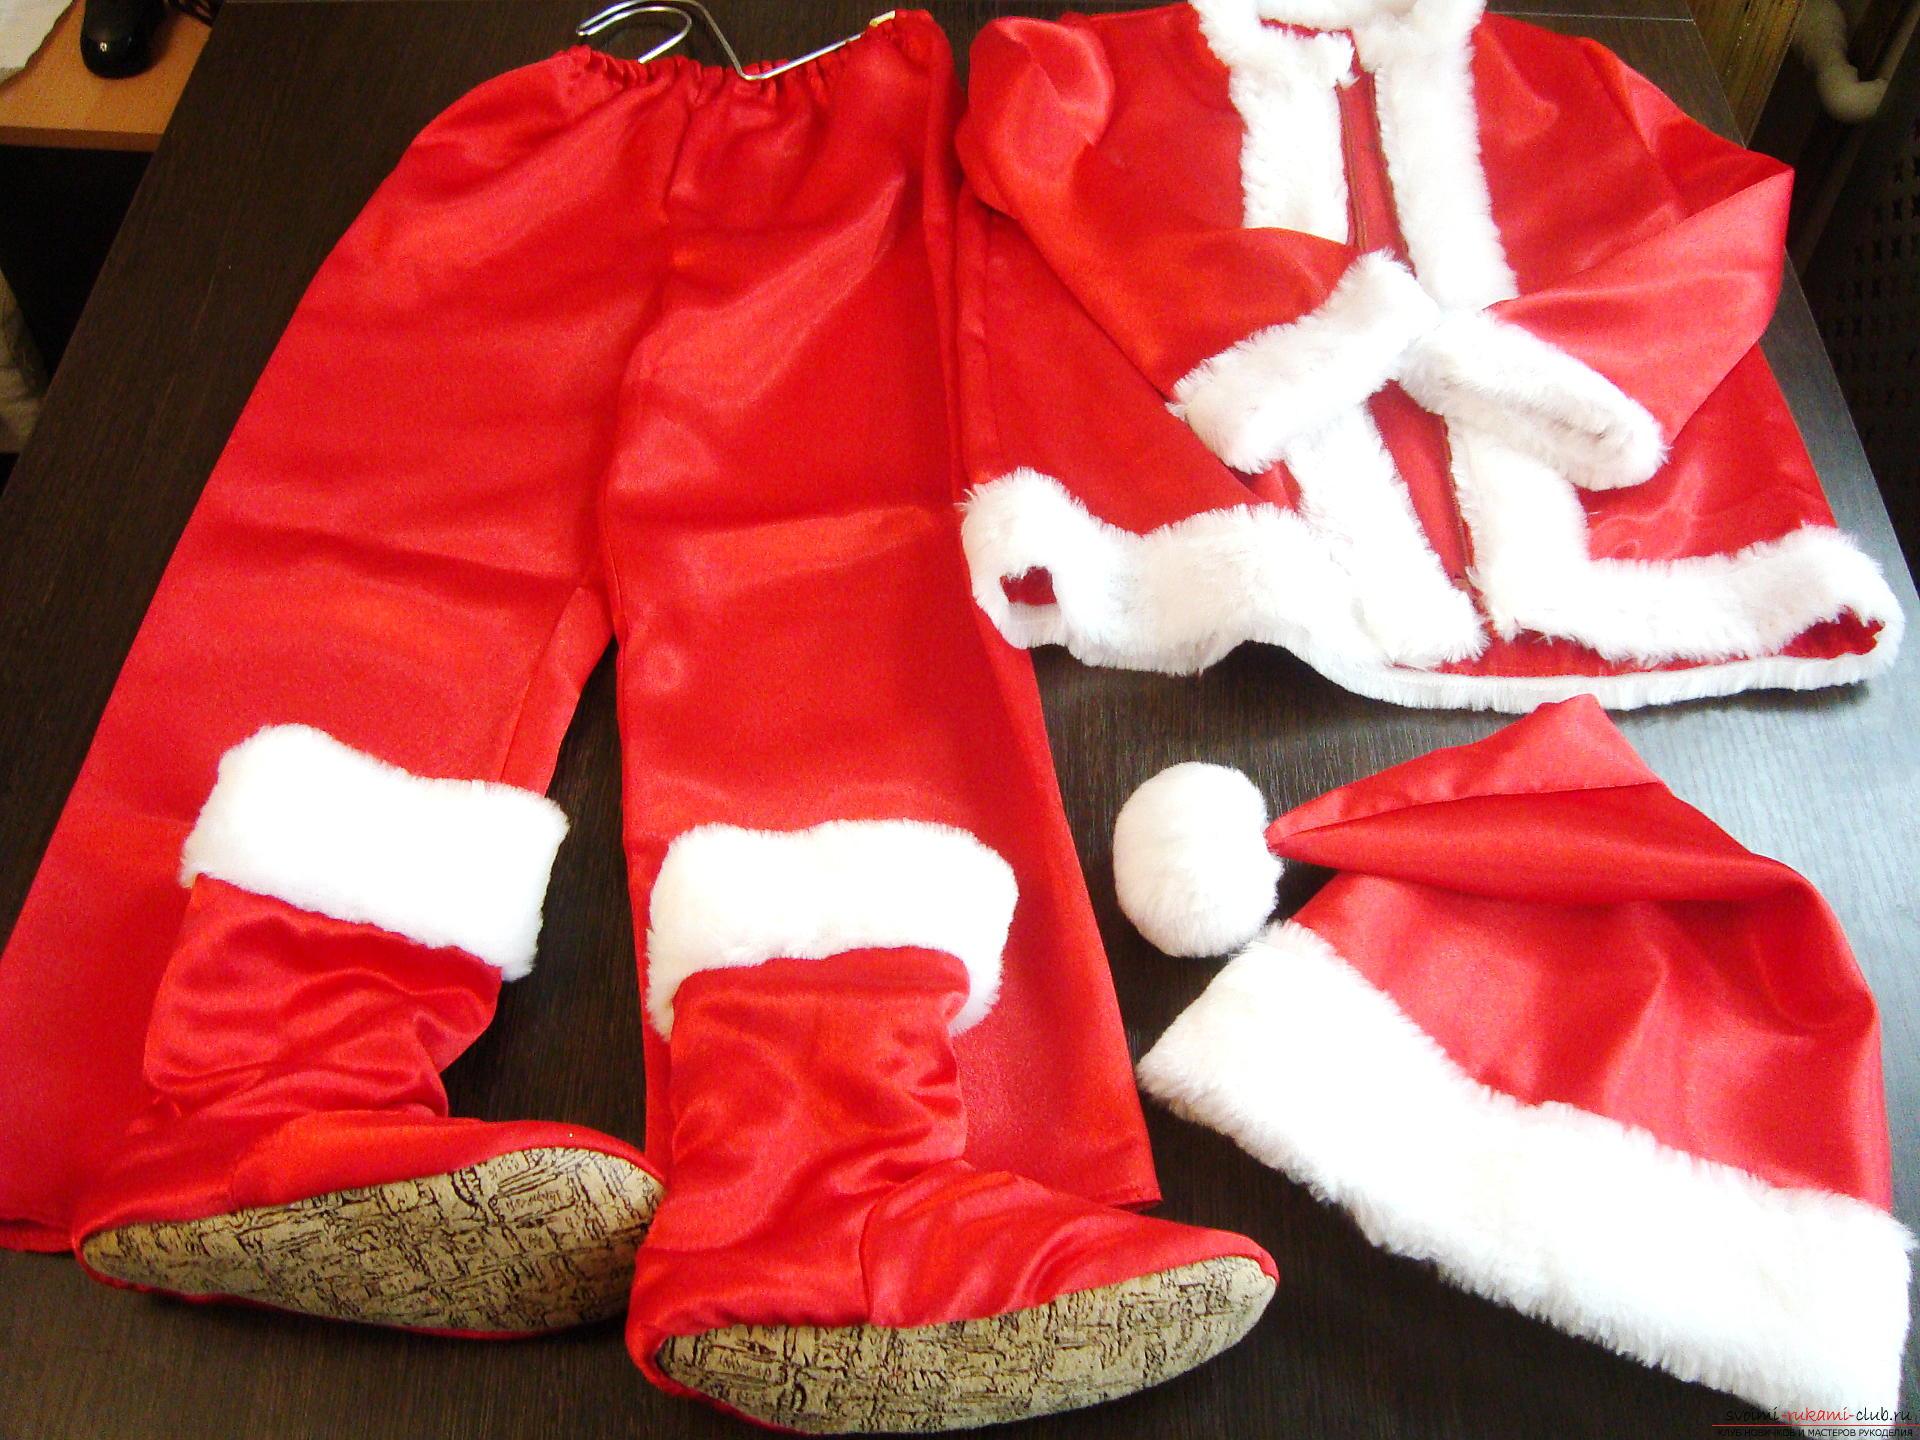 Новогодний костюм не всегда удобно купить, а пошить карнавальный костюм для мальчика может даже начинающая мастерица.</p> </div> <p> Мастер-класс с фото и видео поможет создать новогодний детский костюм по образу Санты Клауса.. Фото №11″/></p> <p>Интересный Санта Клаус получится, если дополнить костюм накладной бородой из белого меха и мешком для подарков, наполненным синтепоном для создания видимости объема. Если ребенок худенький, под костюм можно поместить небольшую подушку, чтобы получился внушительный животик.</p> <p> Его можно зафиксировать с помощью эластичных бинтов и пояса.</p> </div> <div class=